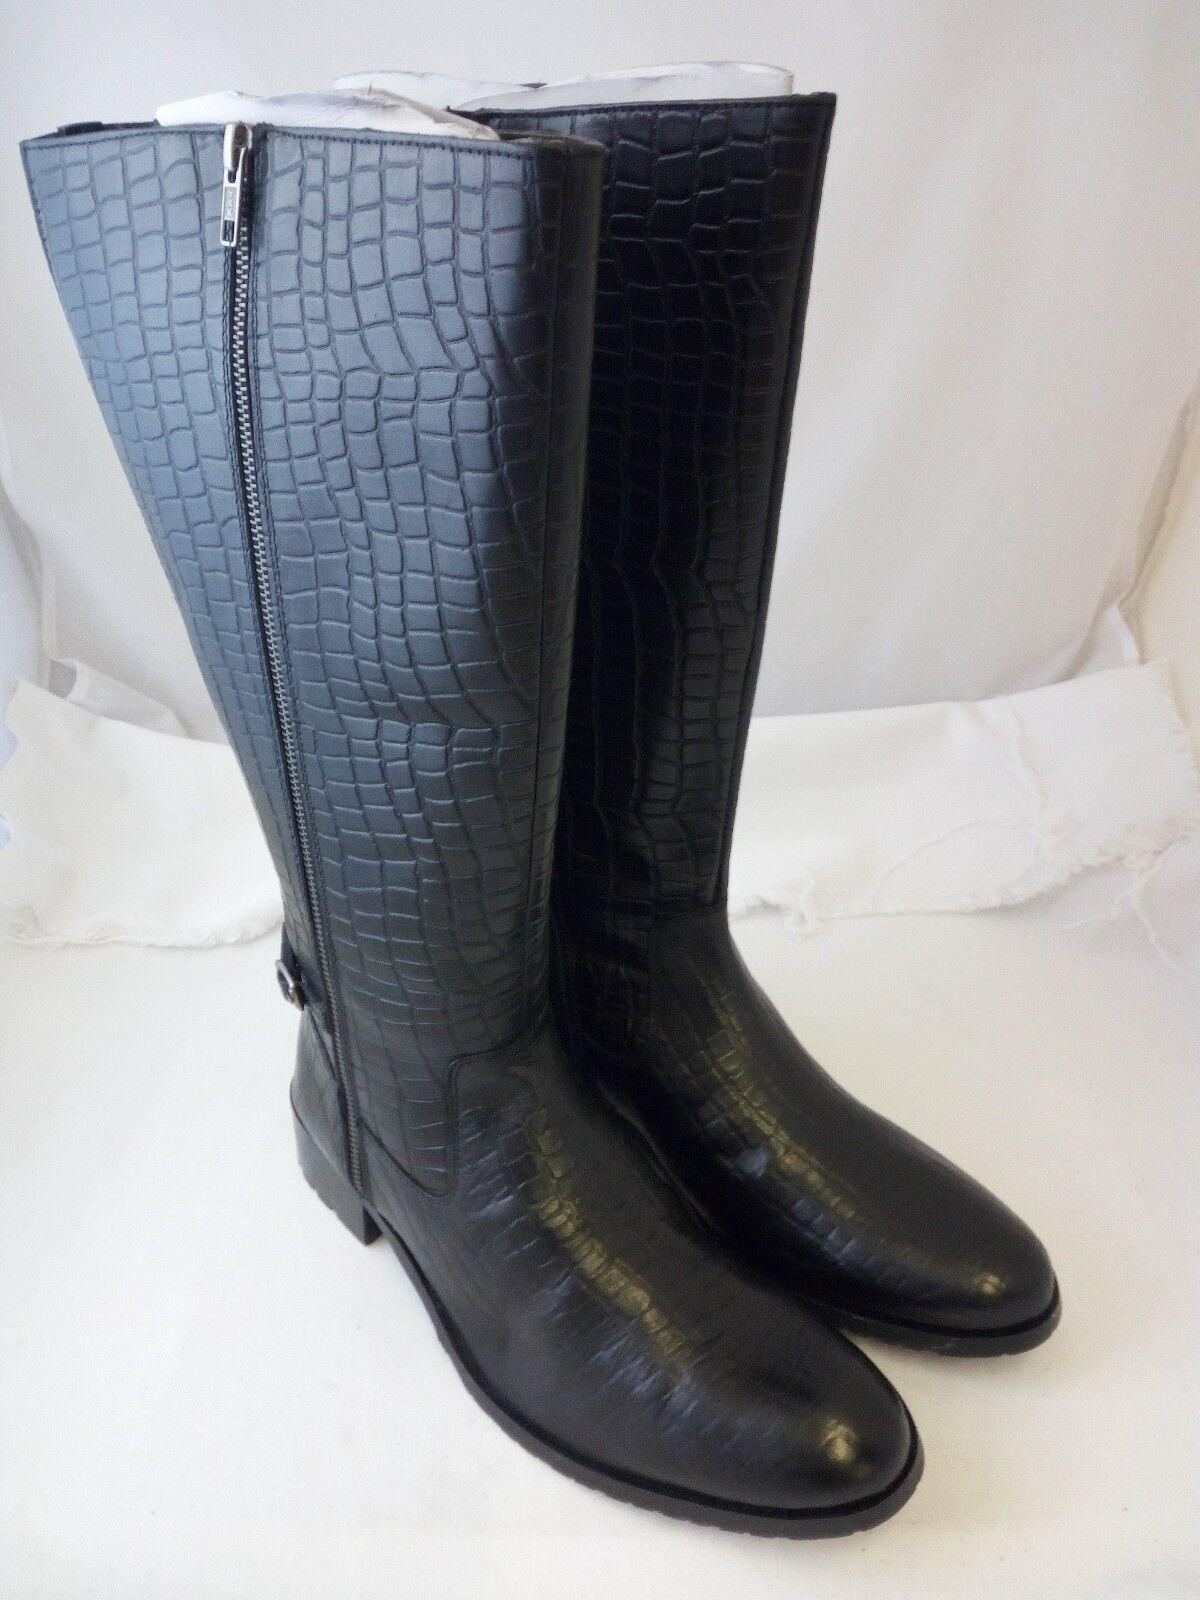 SHEEGO | Damen |  Weitschaft-Stiefel | Leder | schwarz | 855 733 XXL | EU 38